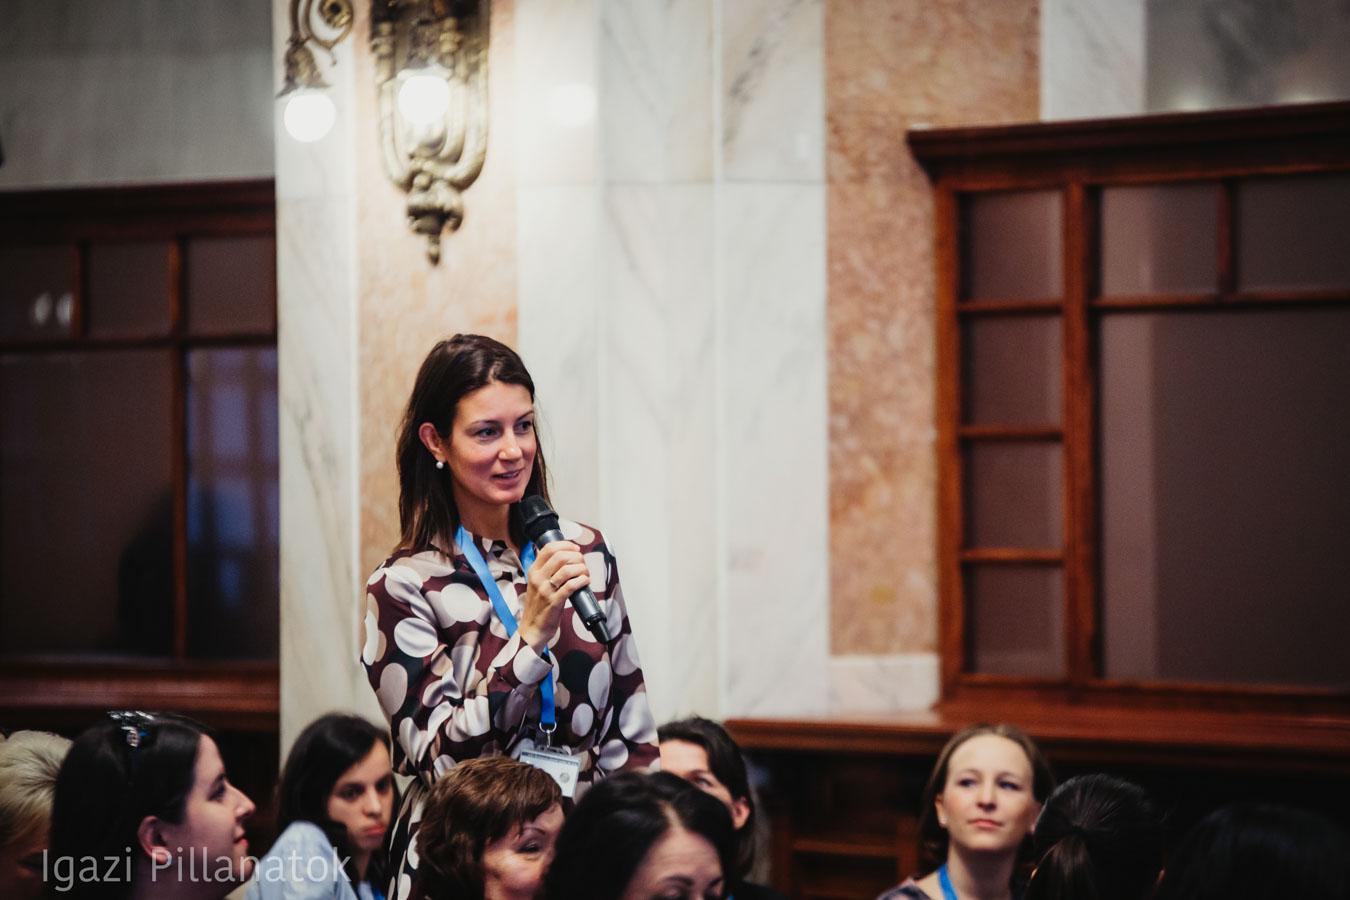 Közönségkérdések<br />(Fotó:Kőhidai Szabolcs, Igazi Pillanatok | Nemzetközi Protokoll Szakemberek Szervezete)